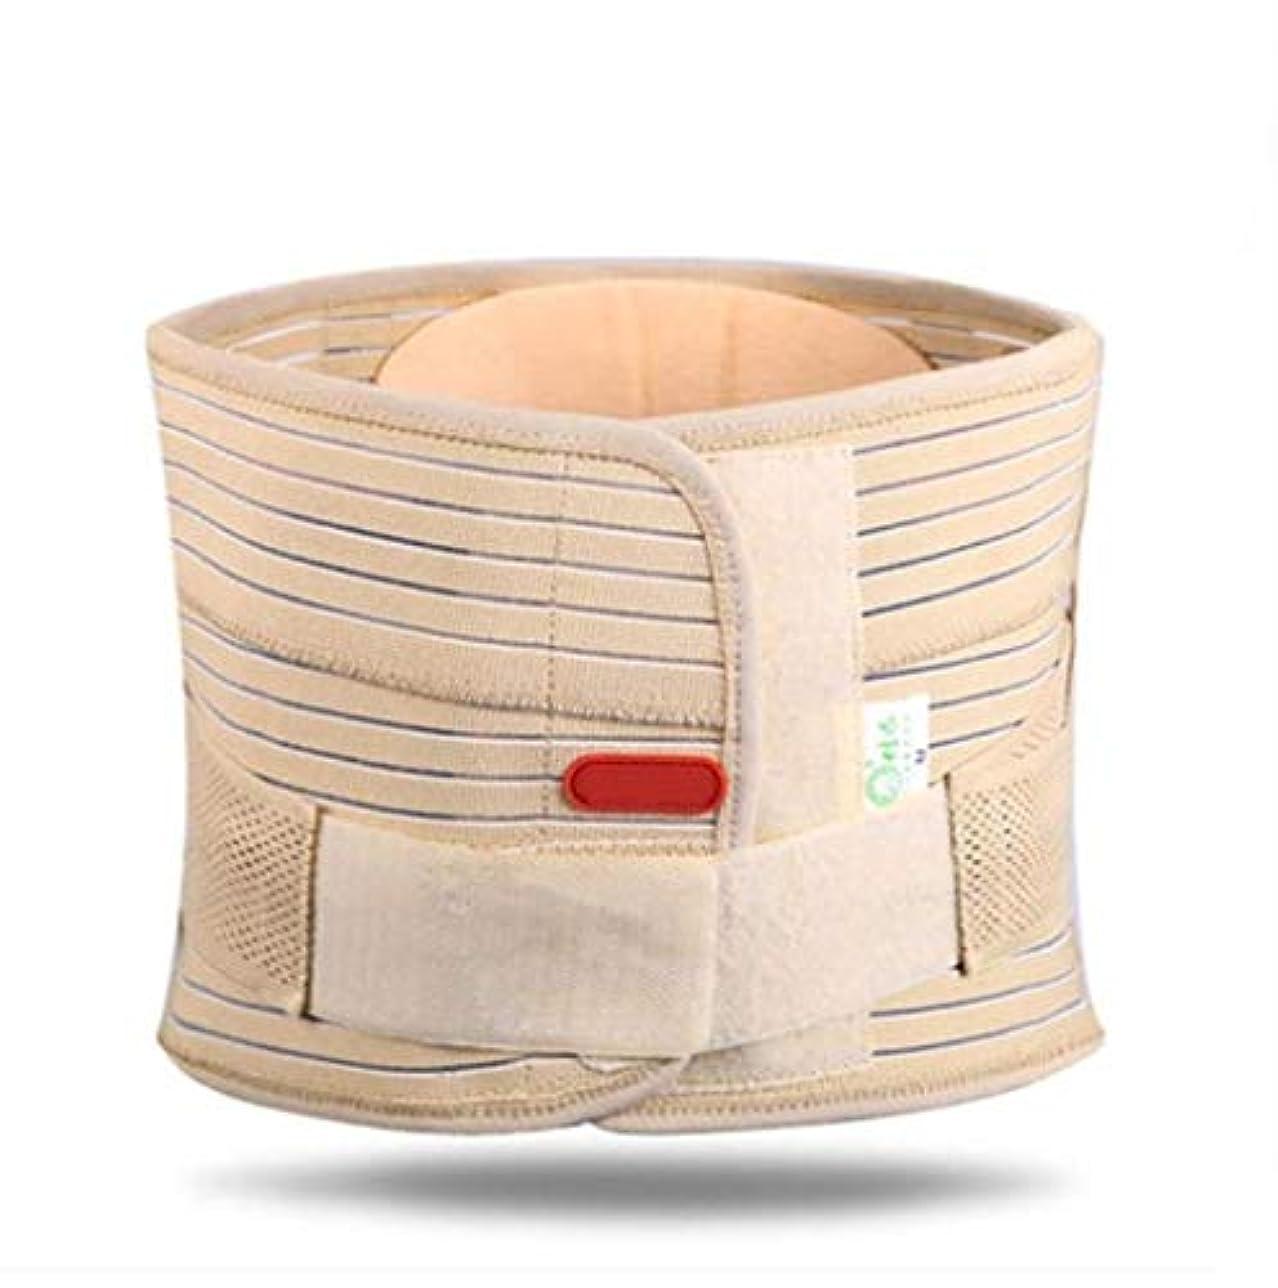 作り上げるピアース壁紙ウエスト/腰暖かいベルト、ワーキング/スポーツ/フィットネスに適したポータブルバックサポートベルト、弾性シェーピング減量スポーツベルト、痛みや防ぐ傷害を和らげます